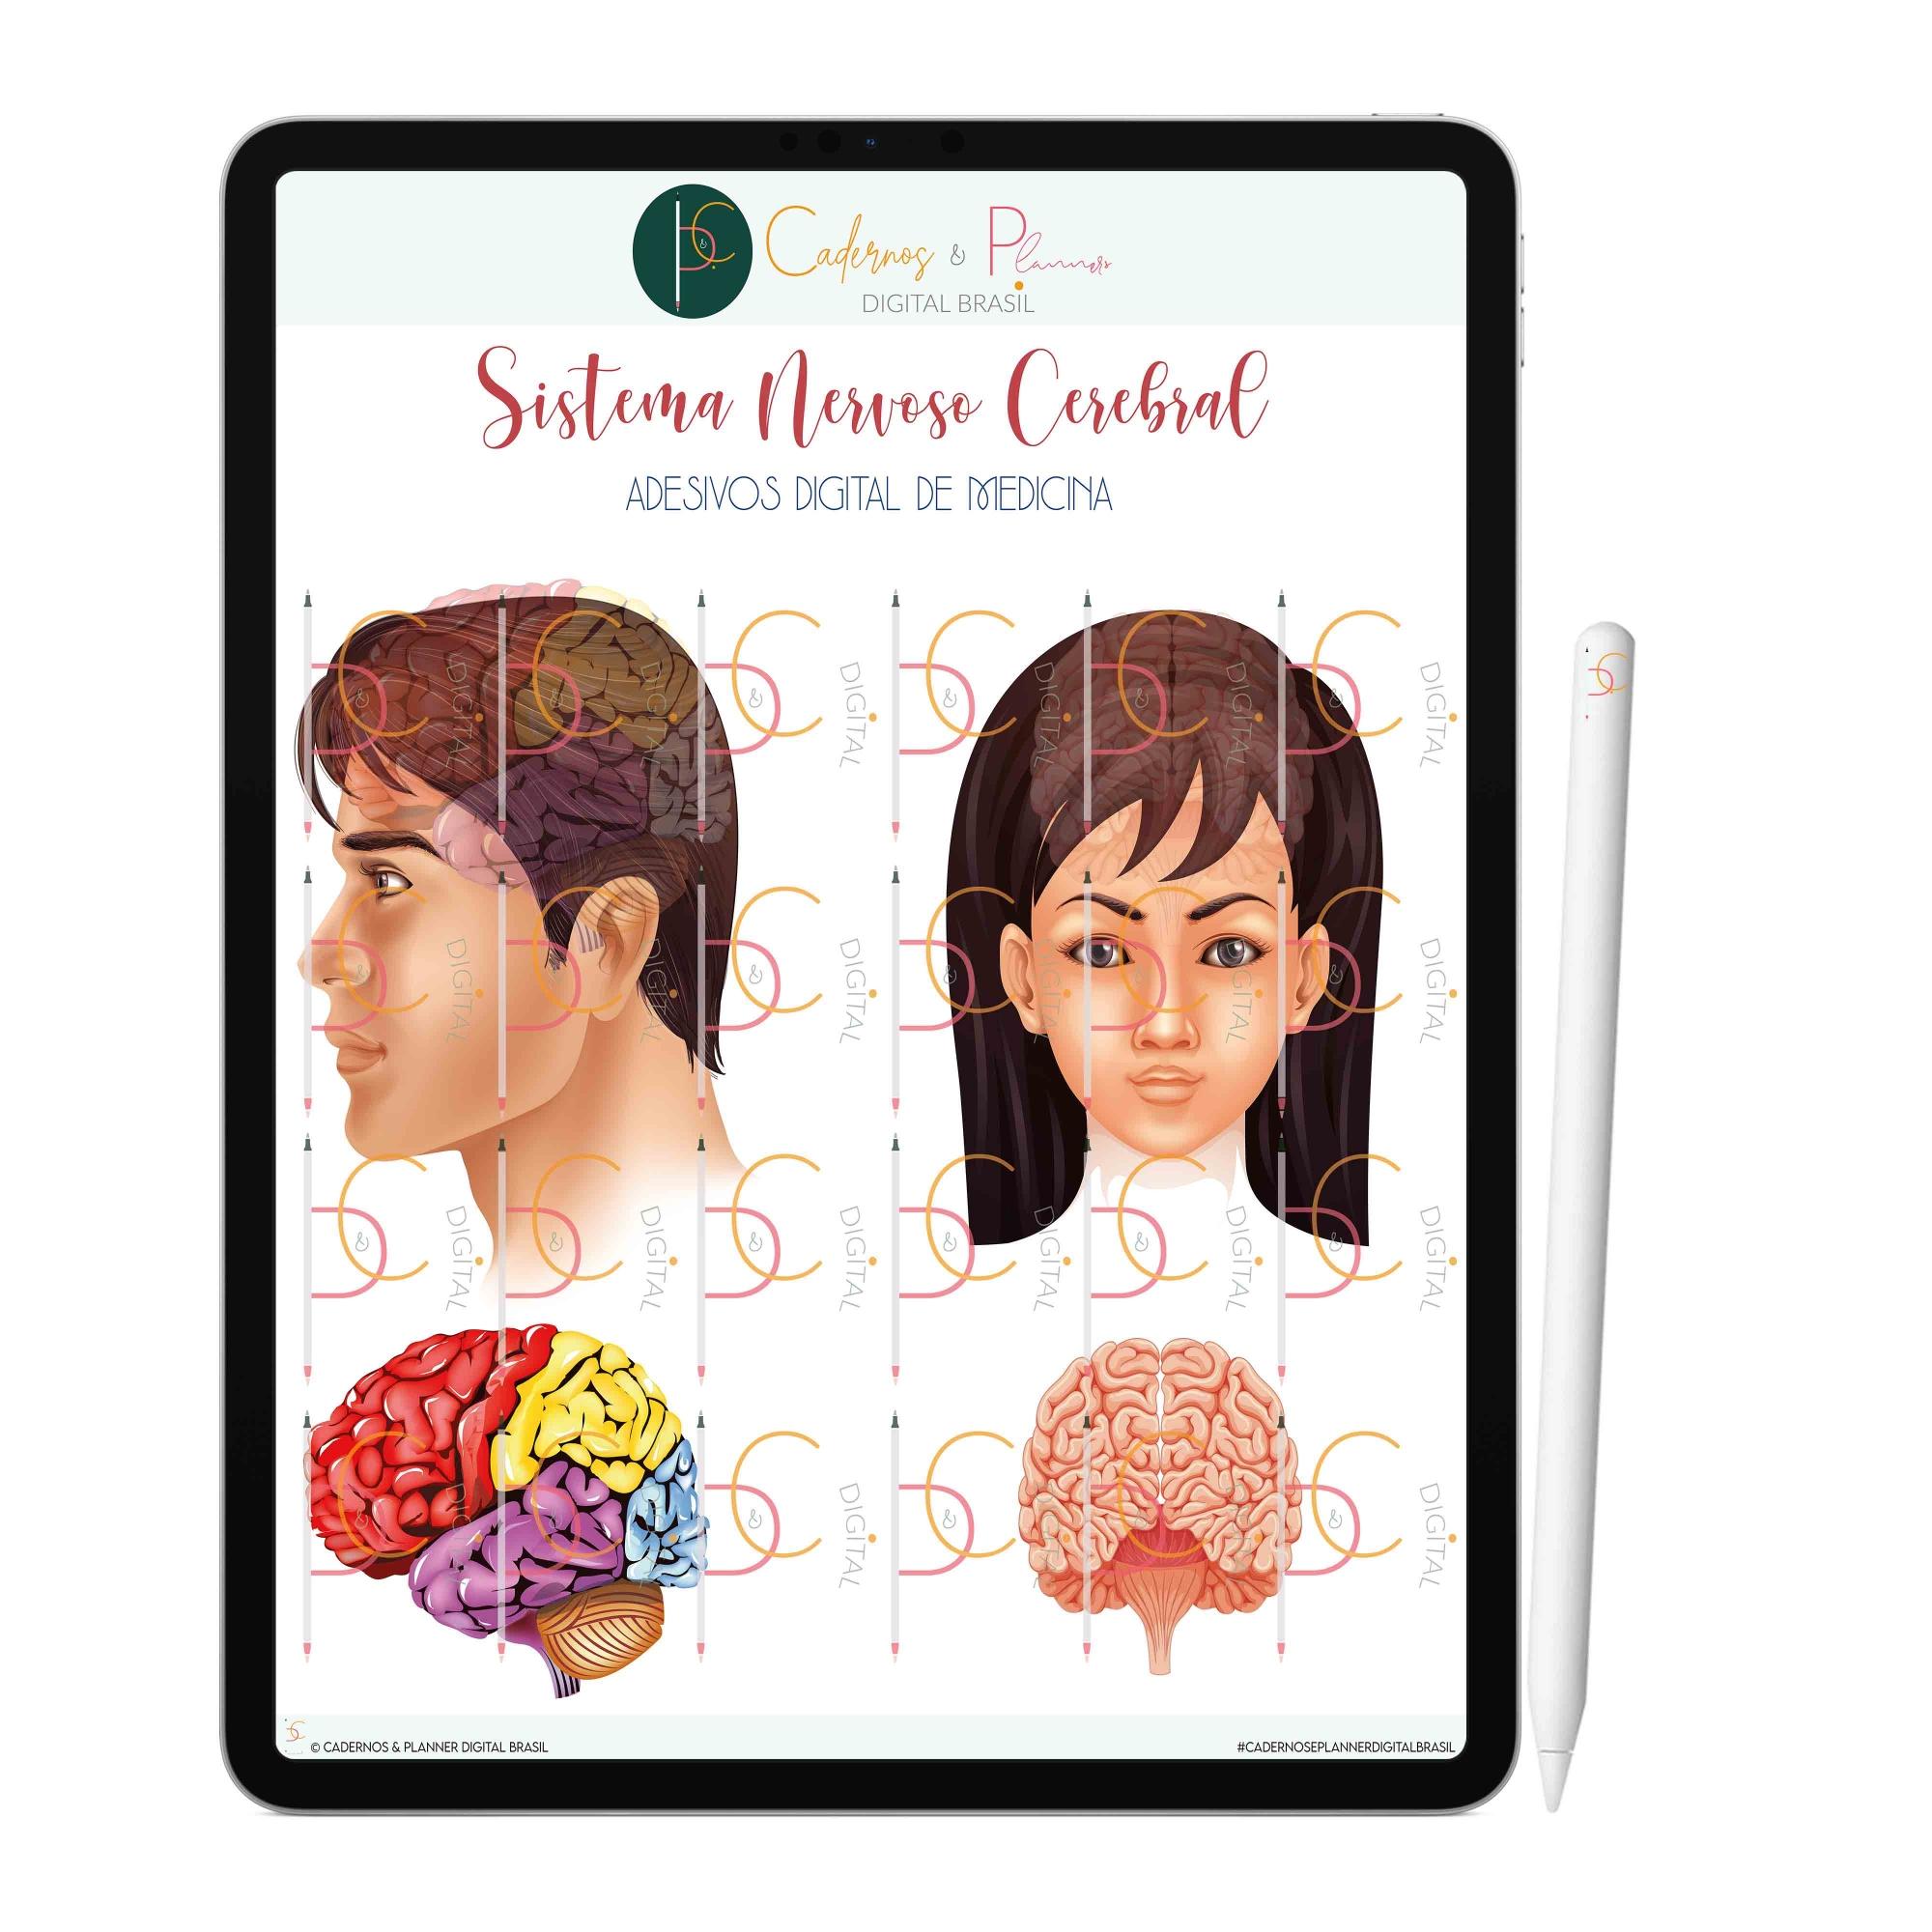 Adesivos Digital de Medicina - Sistema Nervoso Cerebral| iPad Tablet | Download Instantâneo